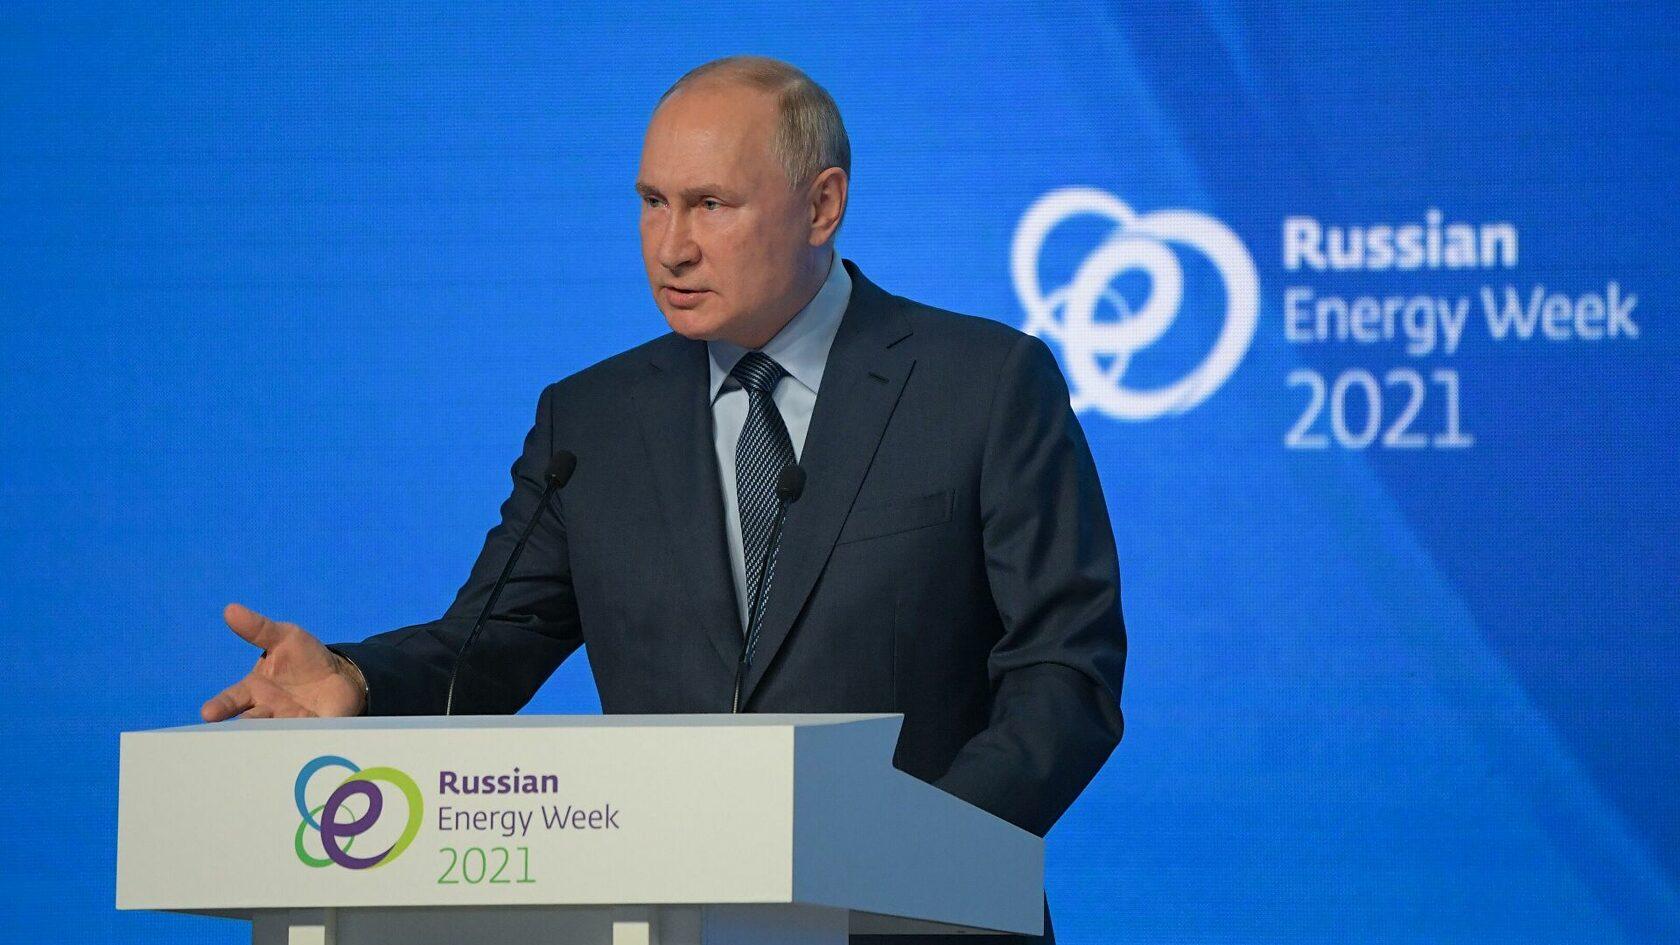 Владимир Путин: «Рассчитываем обеспечить объем эмиссии парниковых газов ниже, чем в Евросоюзе»